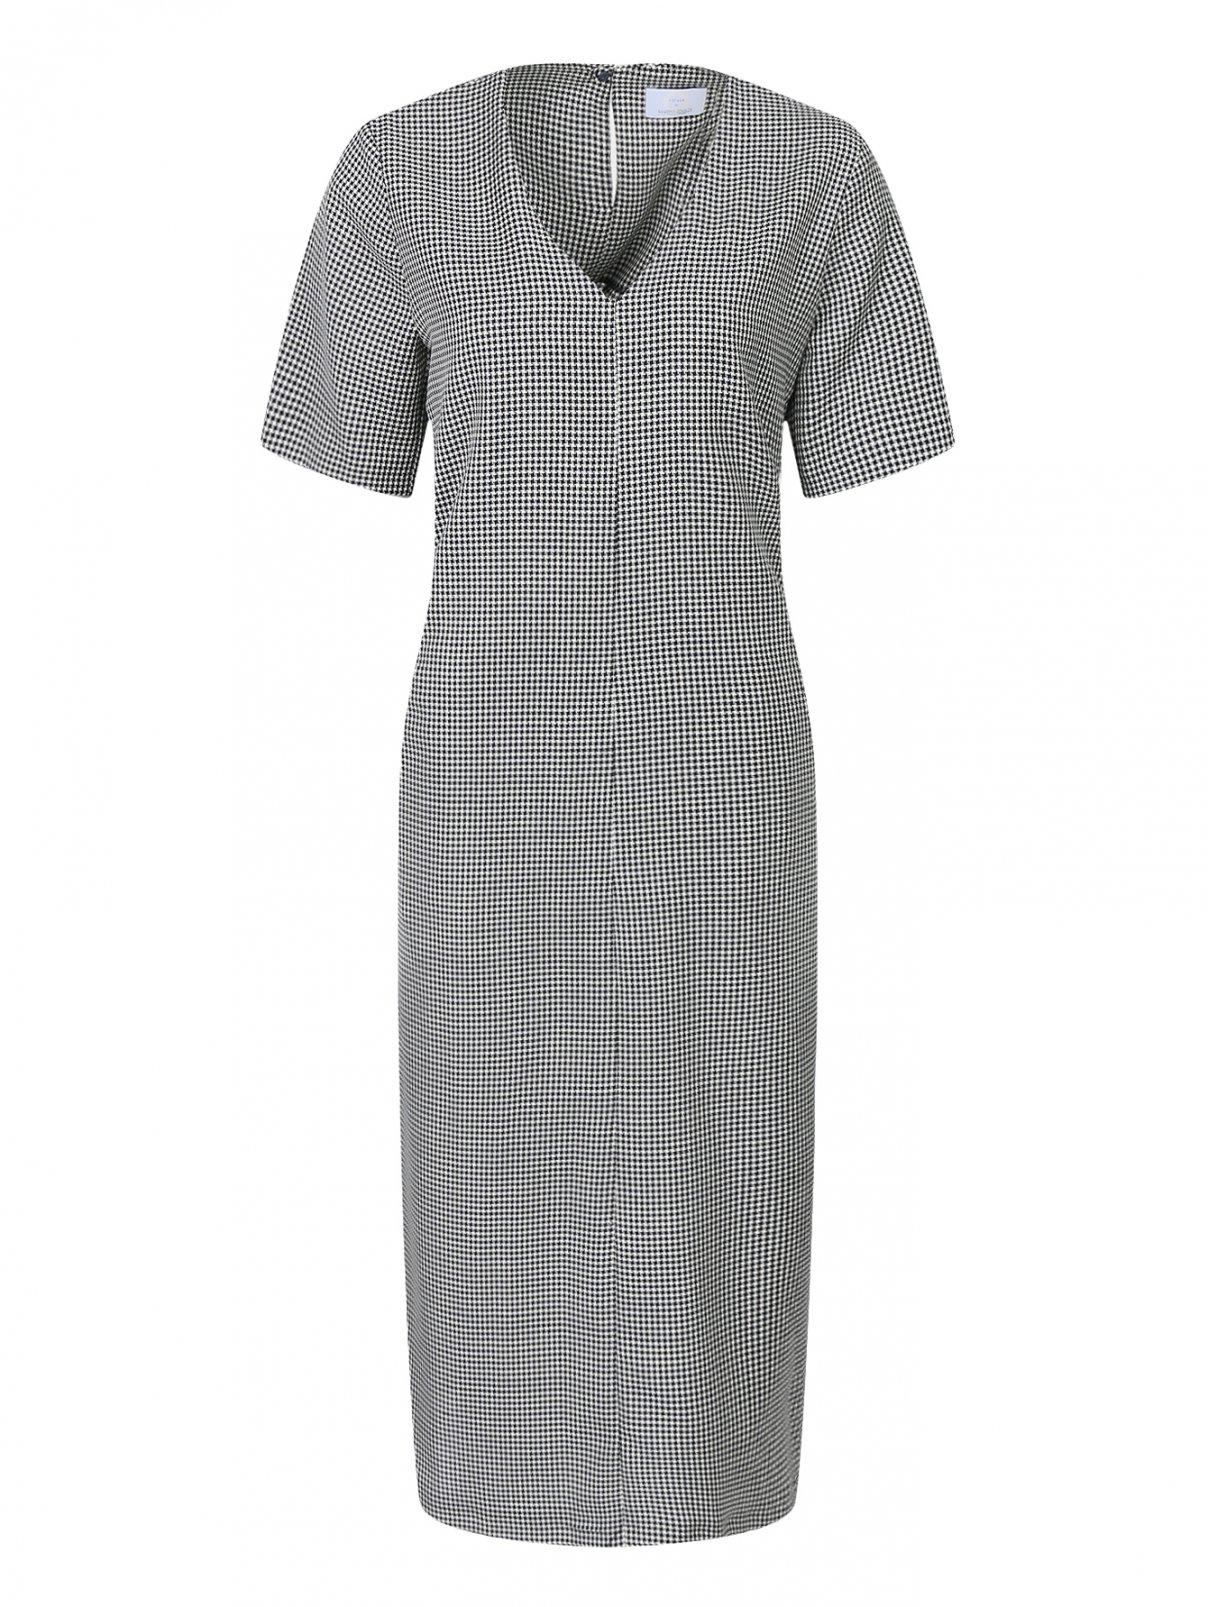 Платье из шерсти с узором и боковыми карманами Marina Rinaldi  –  Общий вид